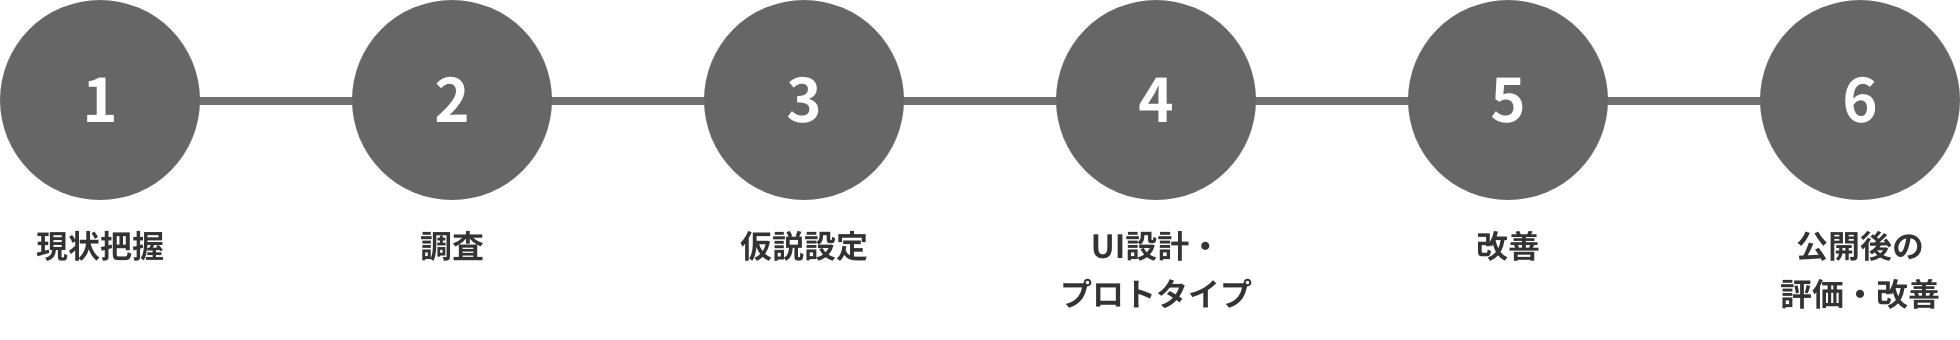 UI/UX設計の導入ステップ